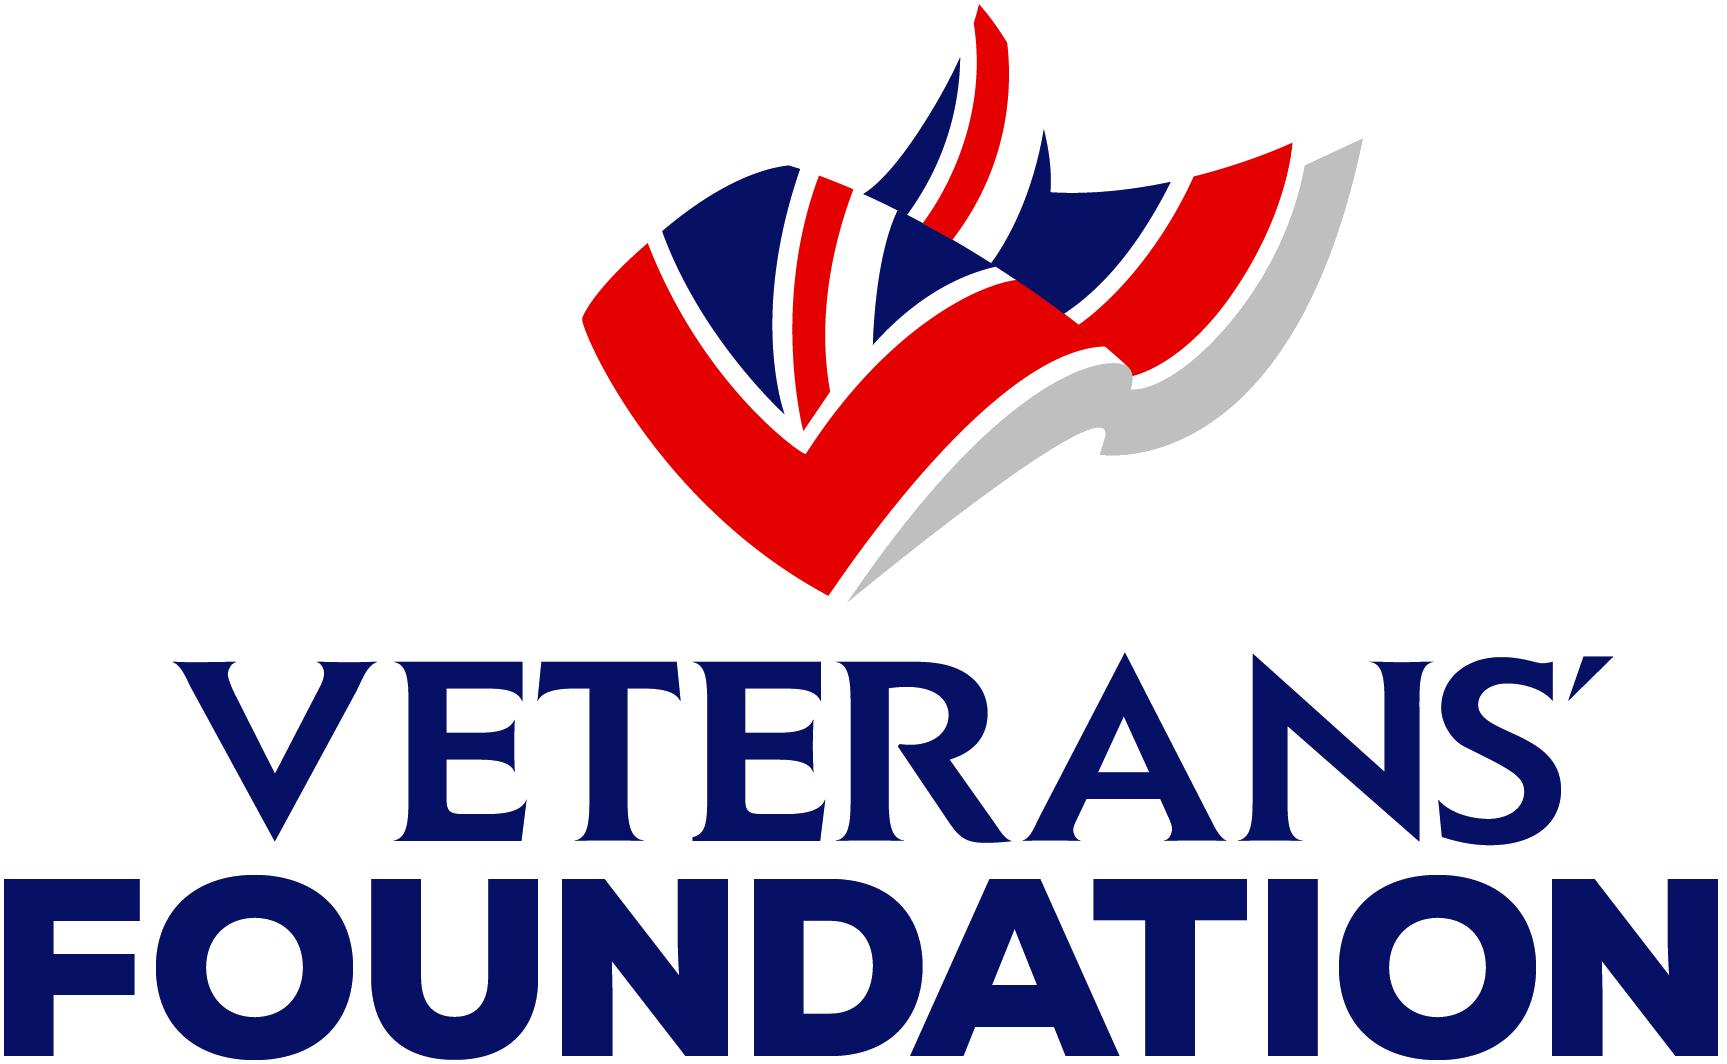 Veterans Foundation